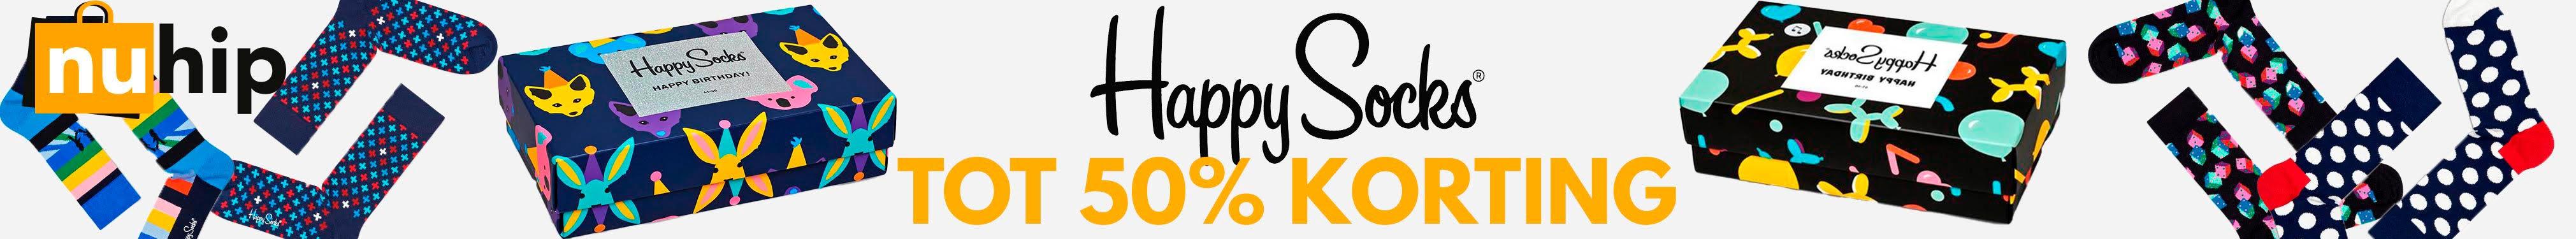 Nuhip.nl – Pizzarettes 50% discount